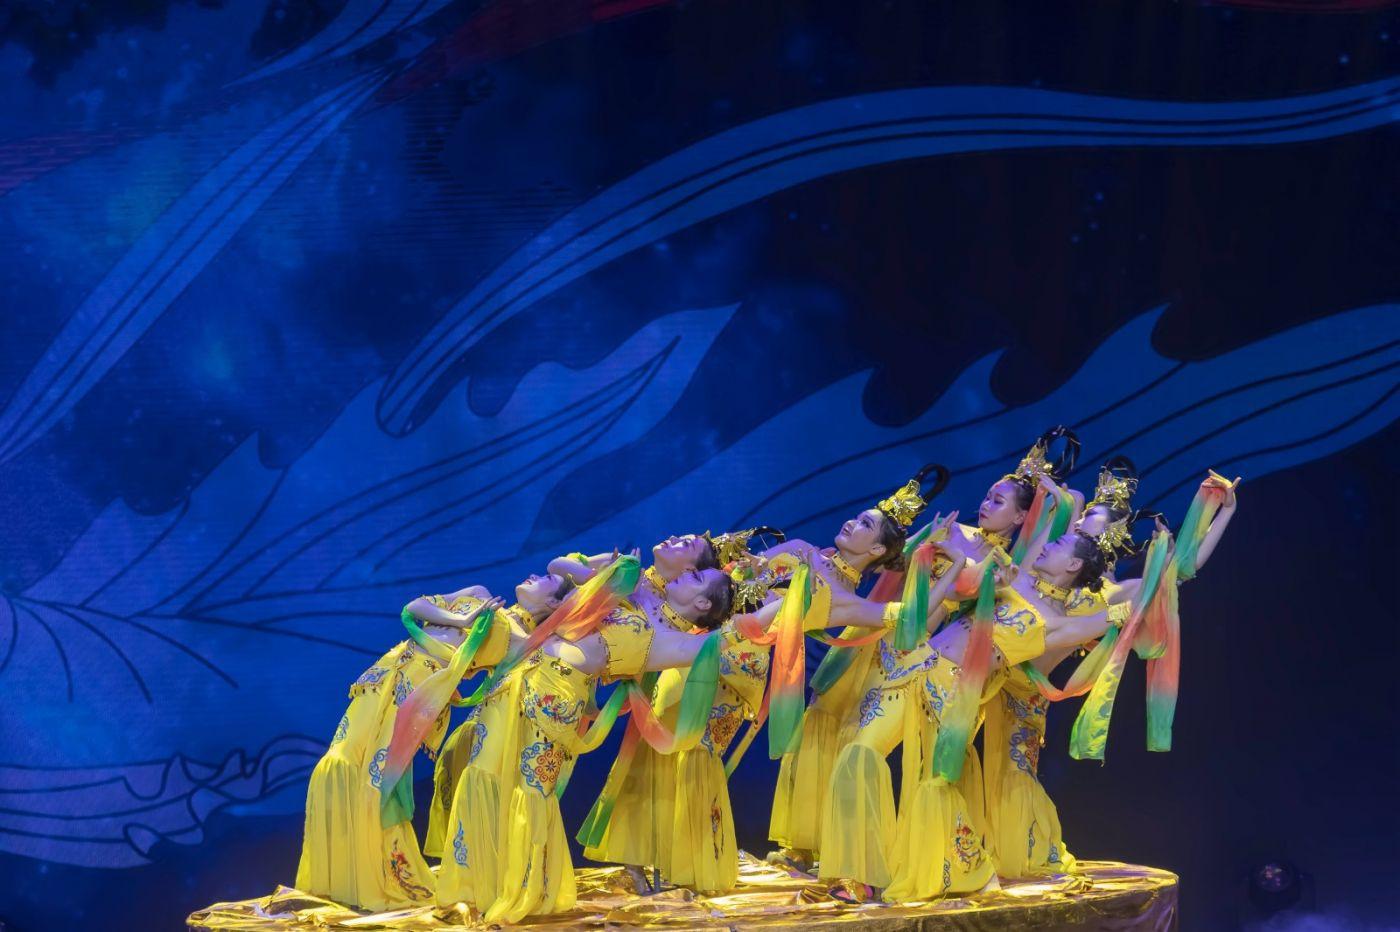 沂蒙大地上 有一种舞蹈叫飞天 这是几位临沂女孩的杰作 美轮美奂 ..._图1-46